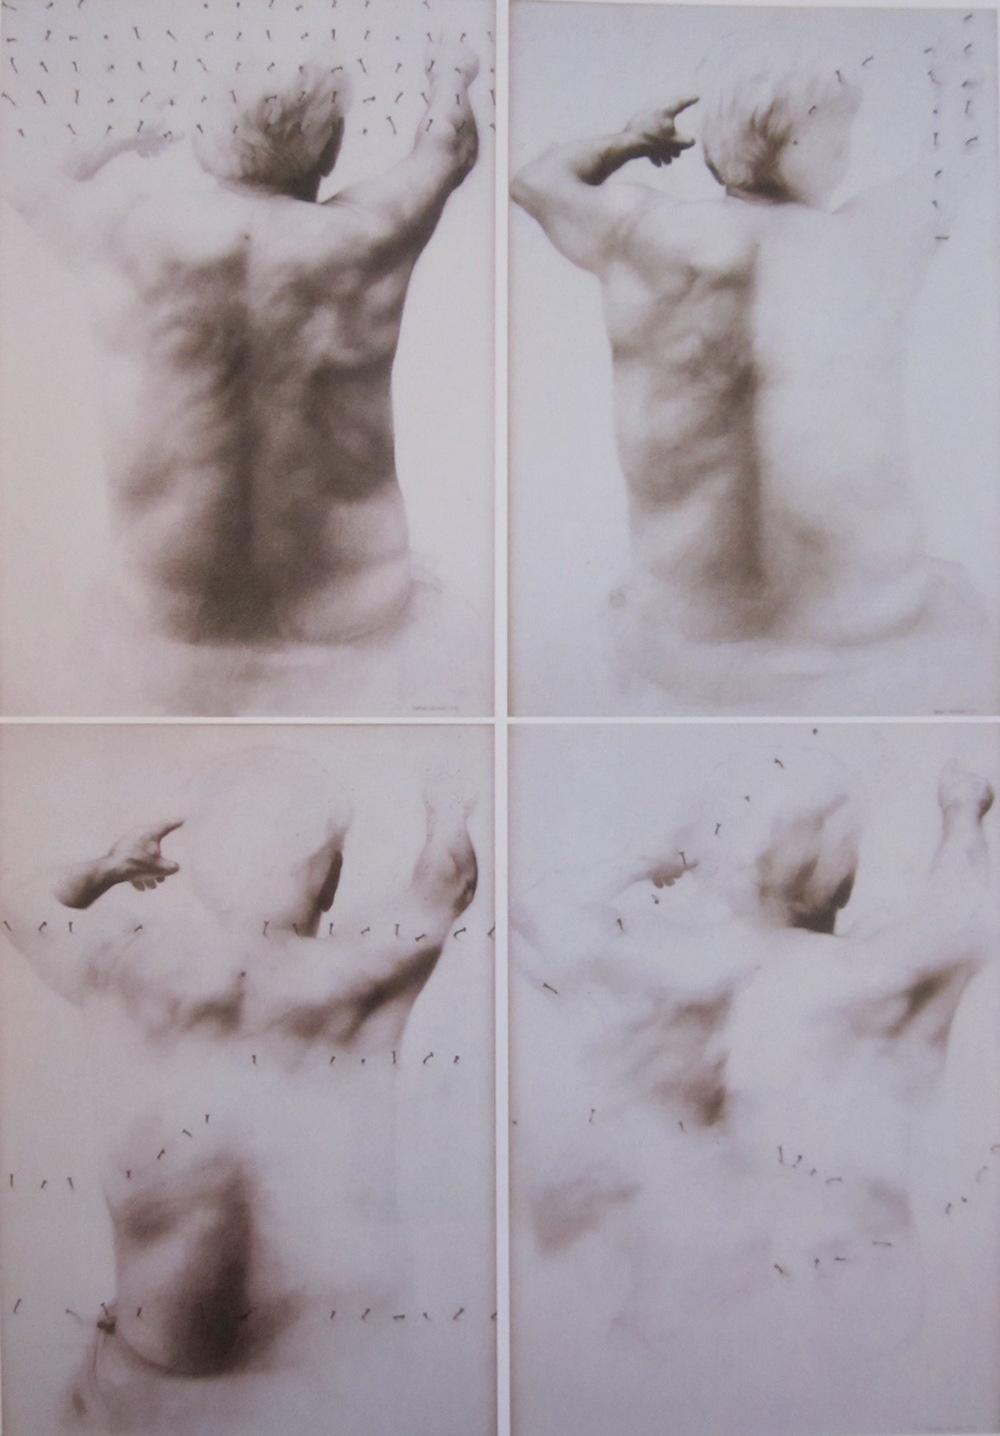 Dibujo en cuatro piezas (100 cm x 140 cm cada uno) 9.000 - €